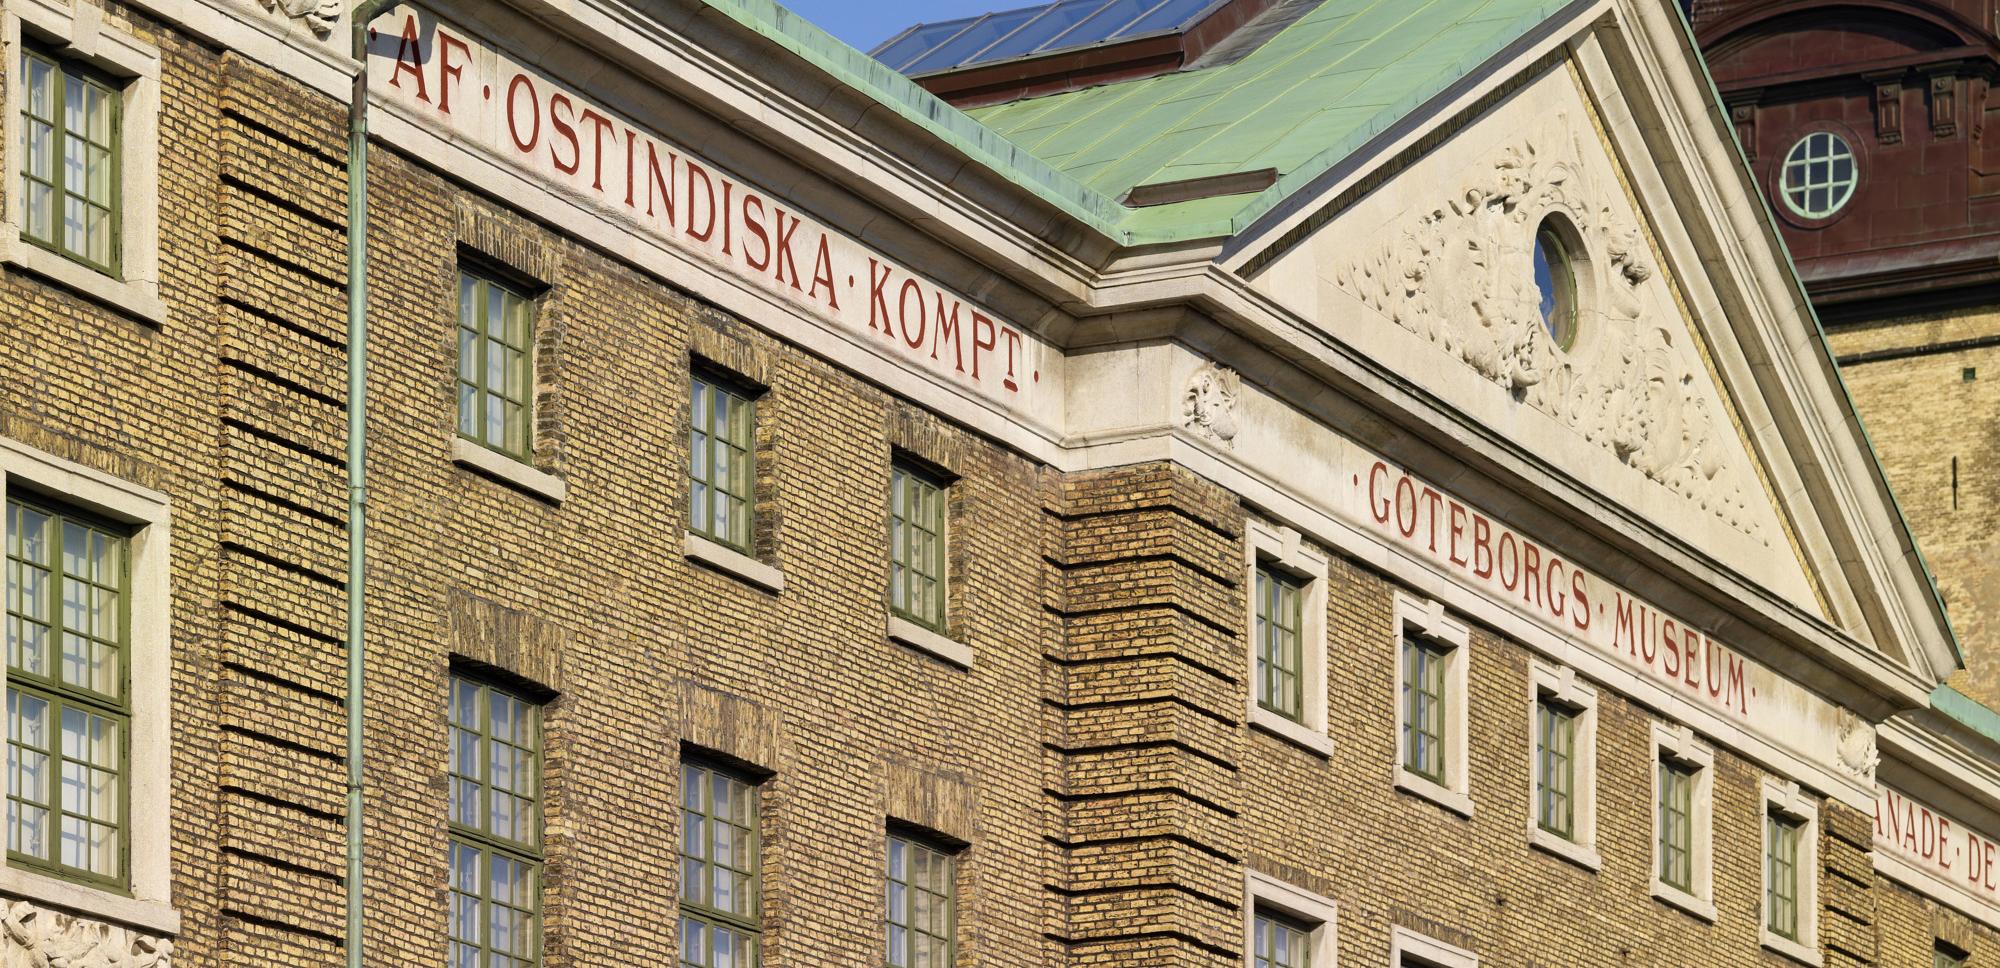 """Närbild på den gula tegelbyggnaden Ostindiska Huset med inskriptionen """"AF OSTINDISKA KOMPT."""""""